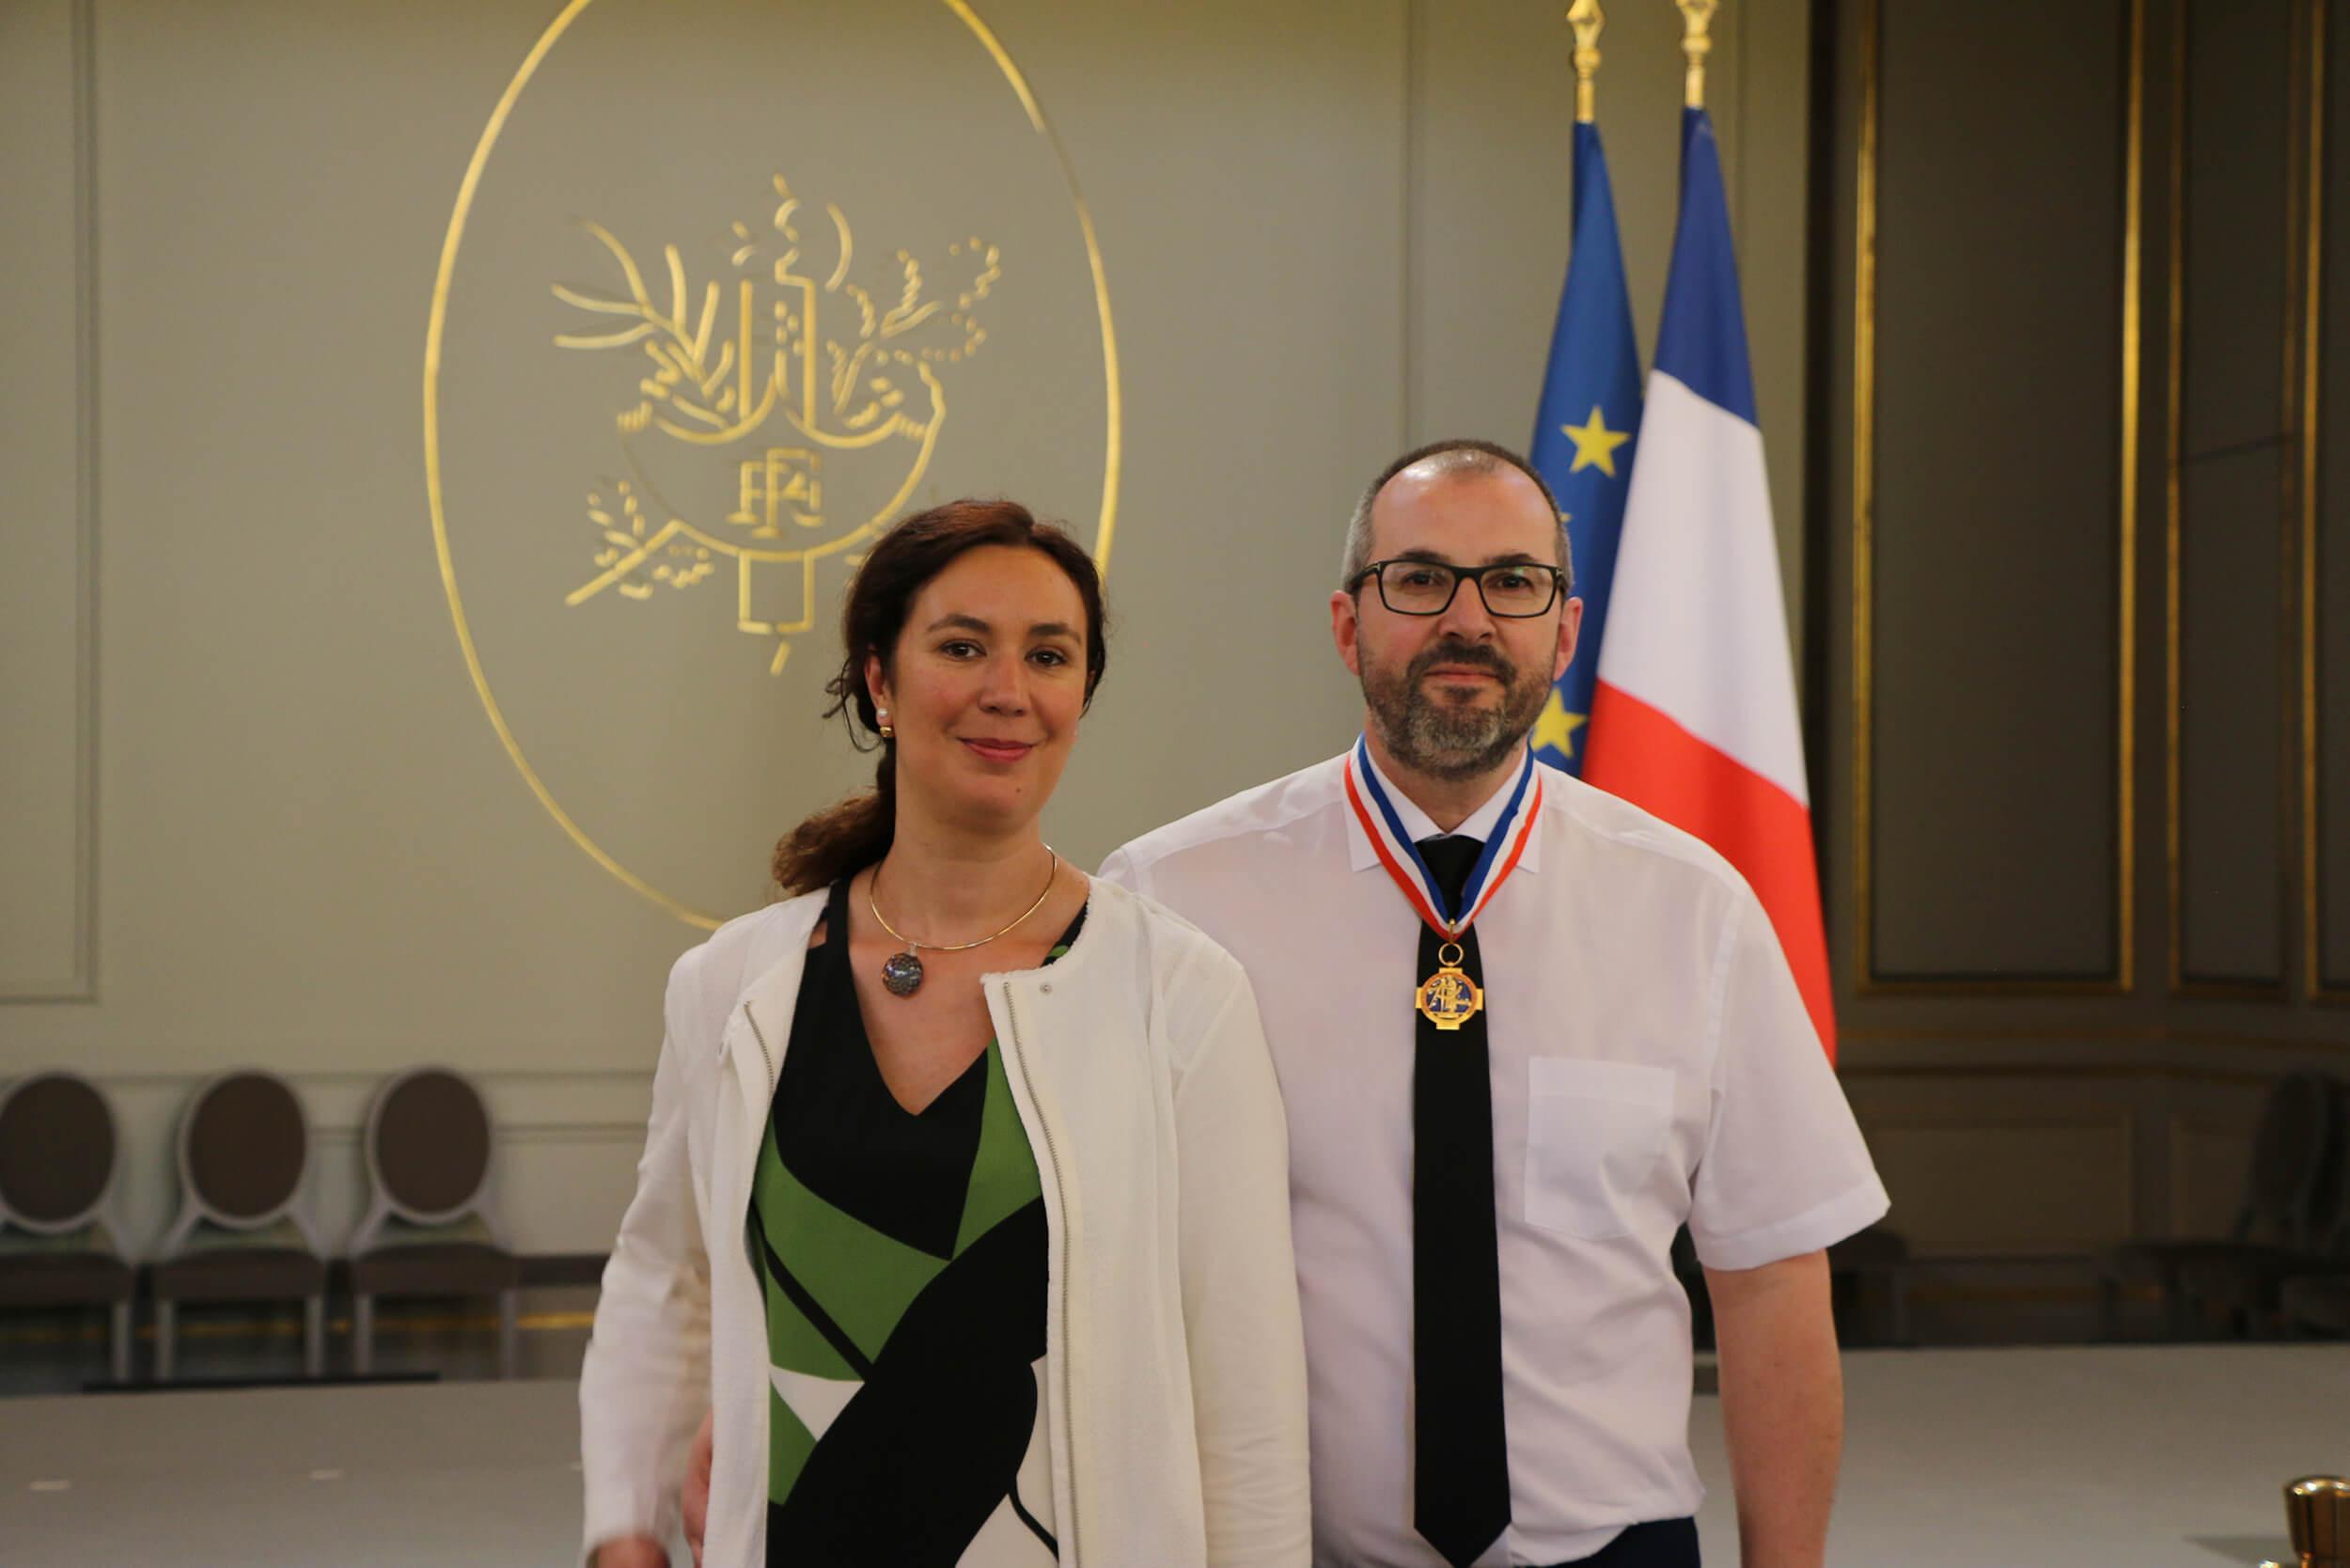 Frédéric & Stéphanie Demoisson